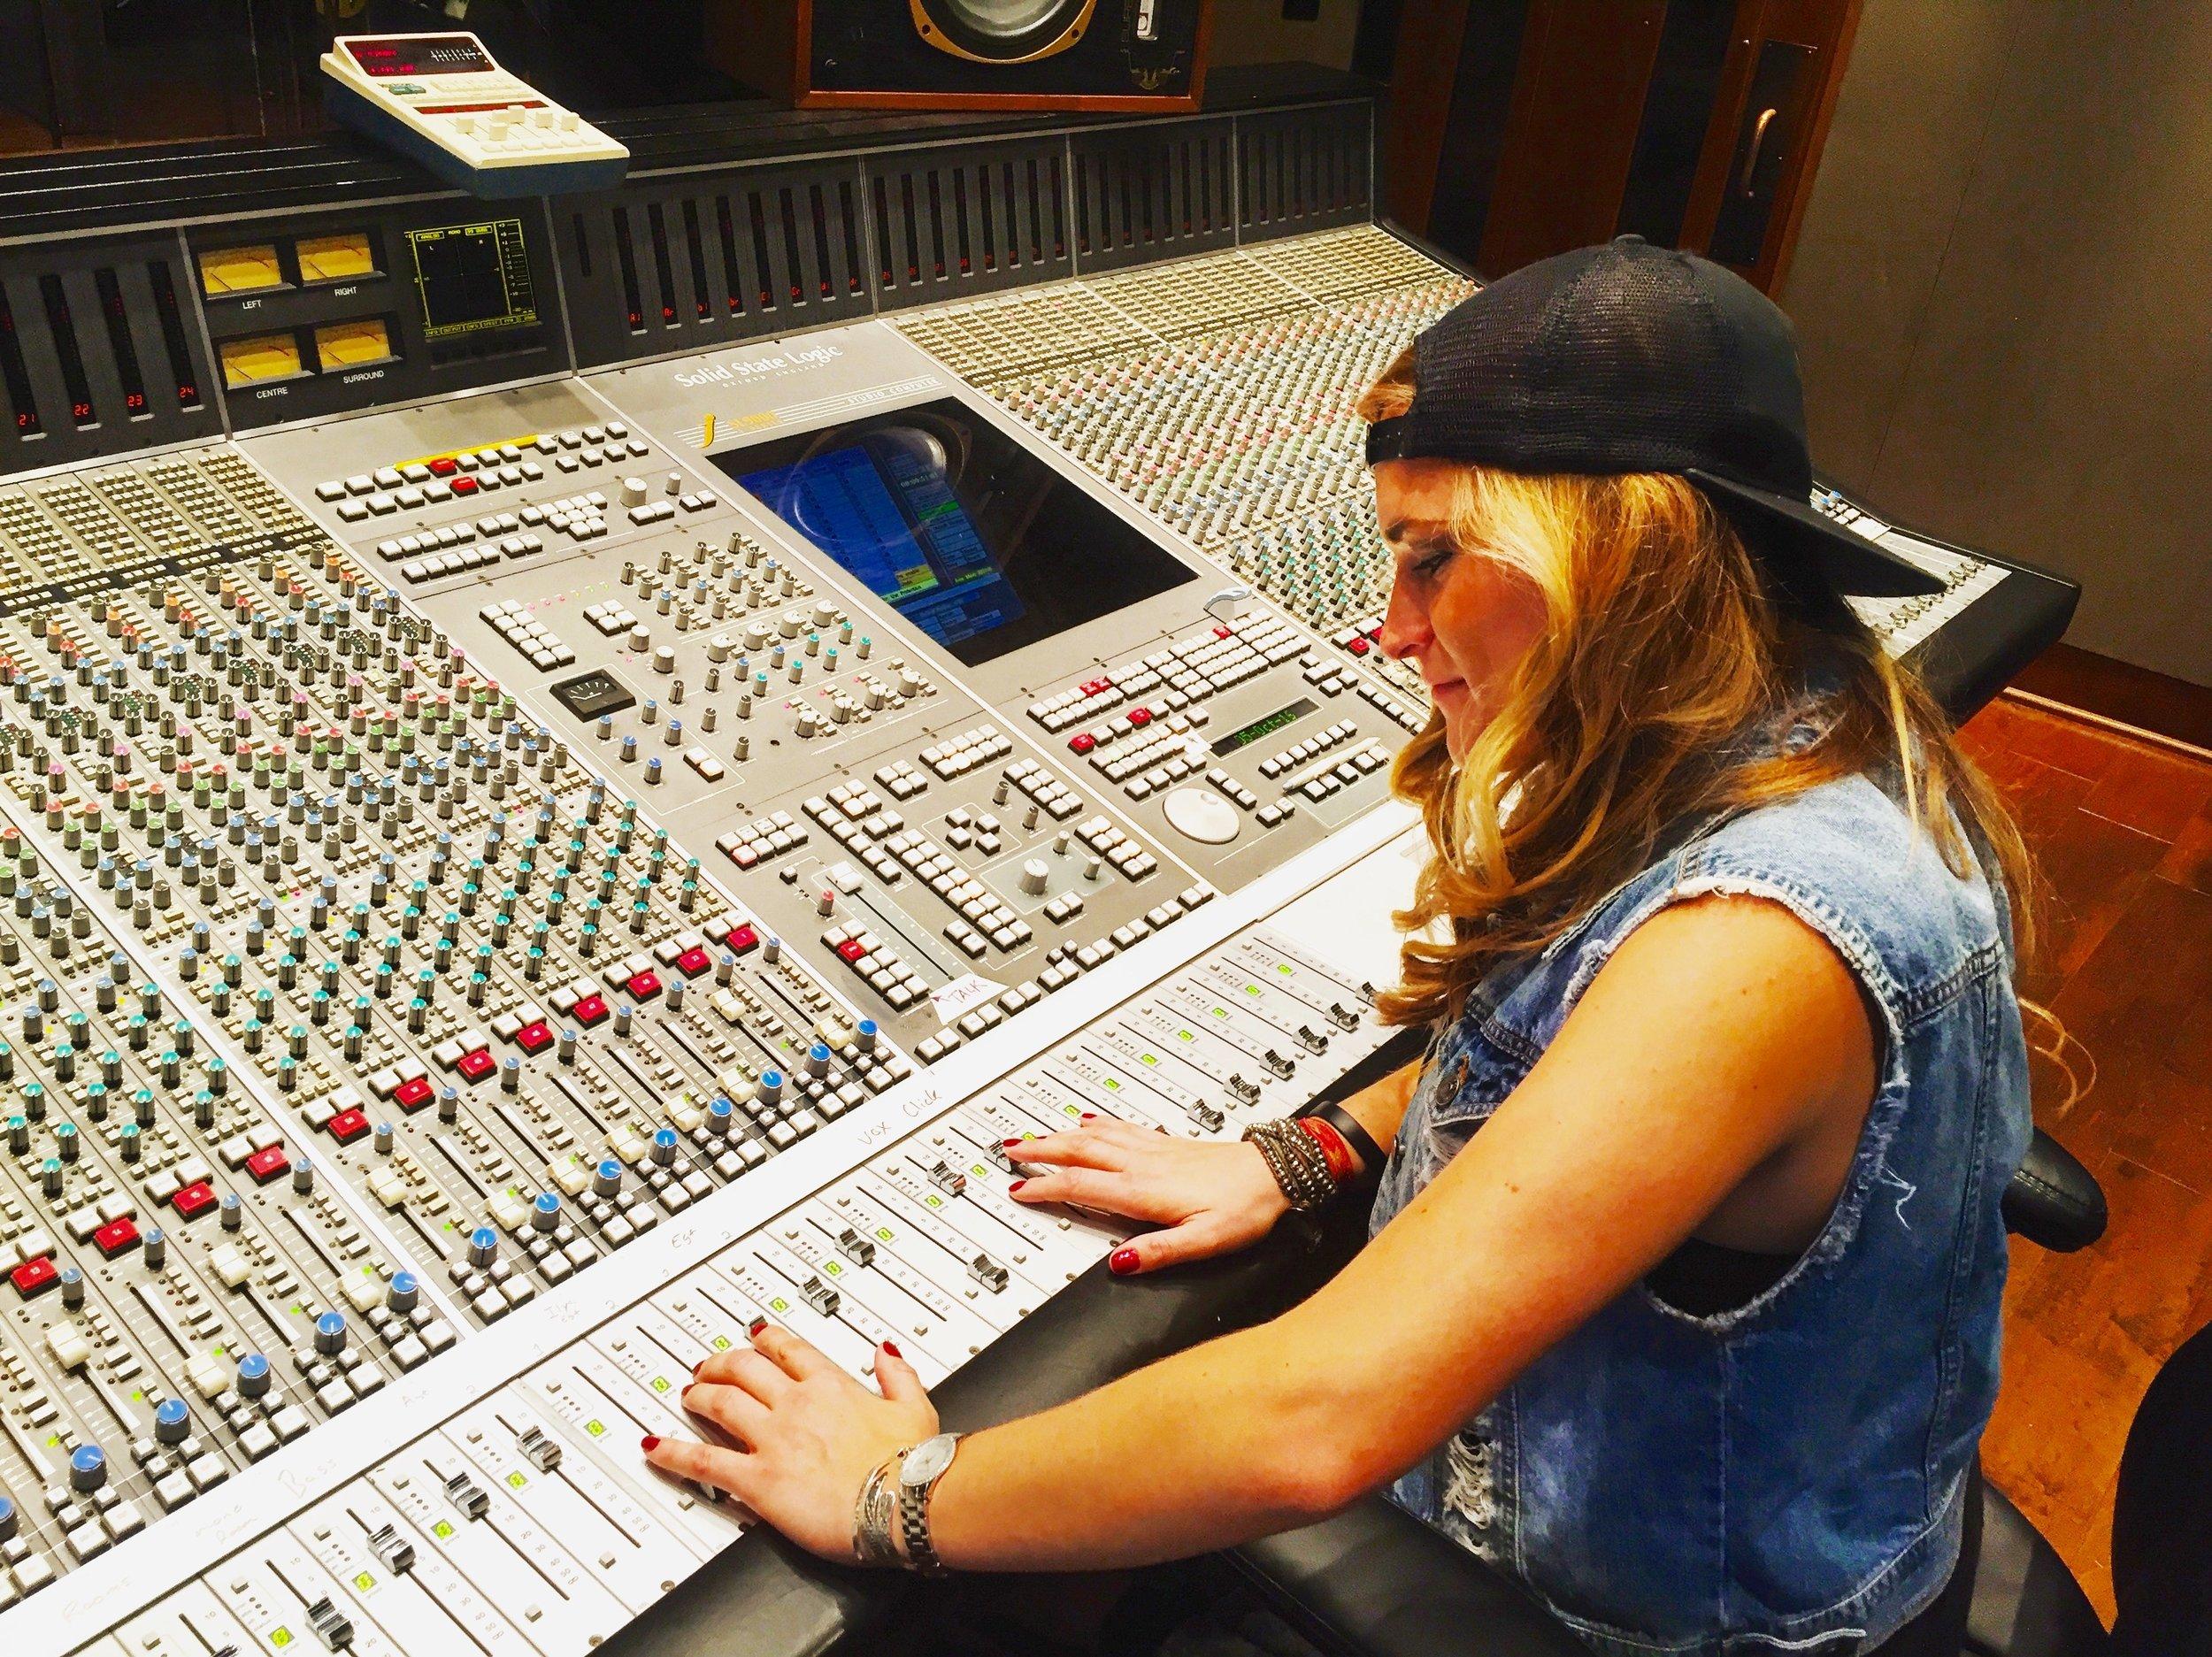 @ The Studio in Nashville